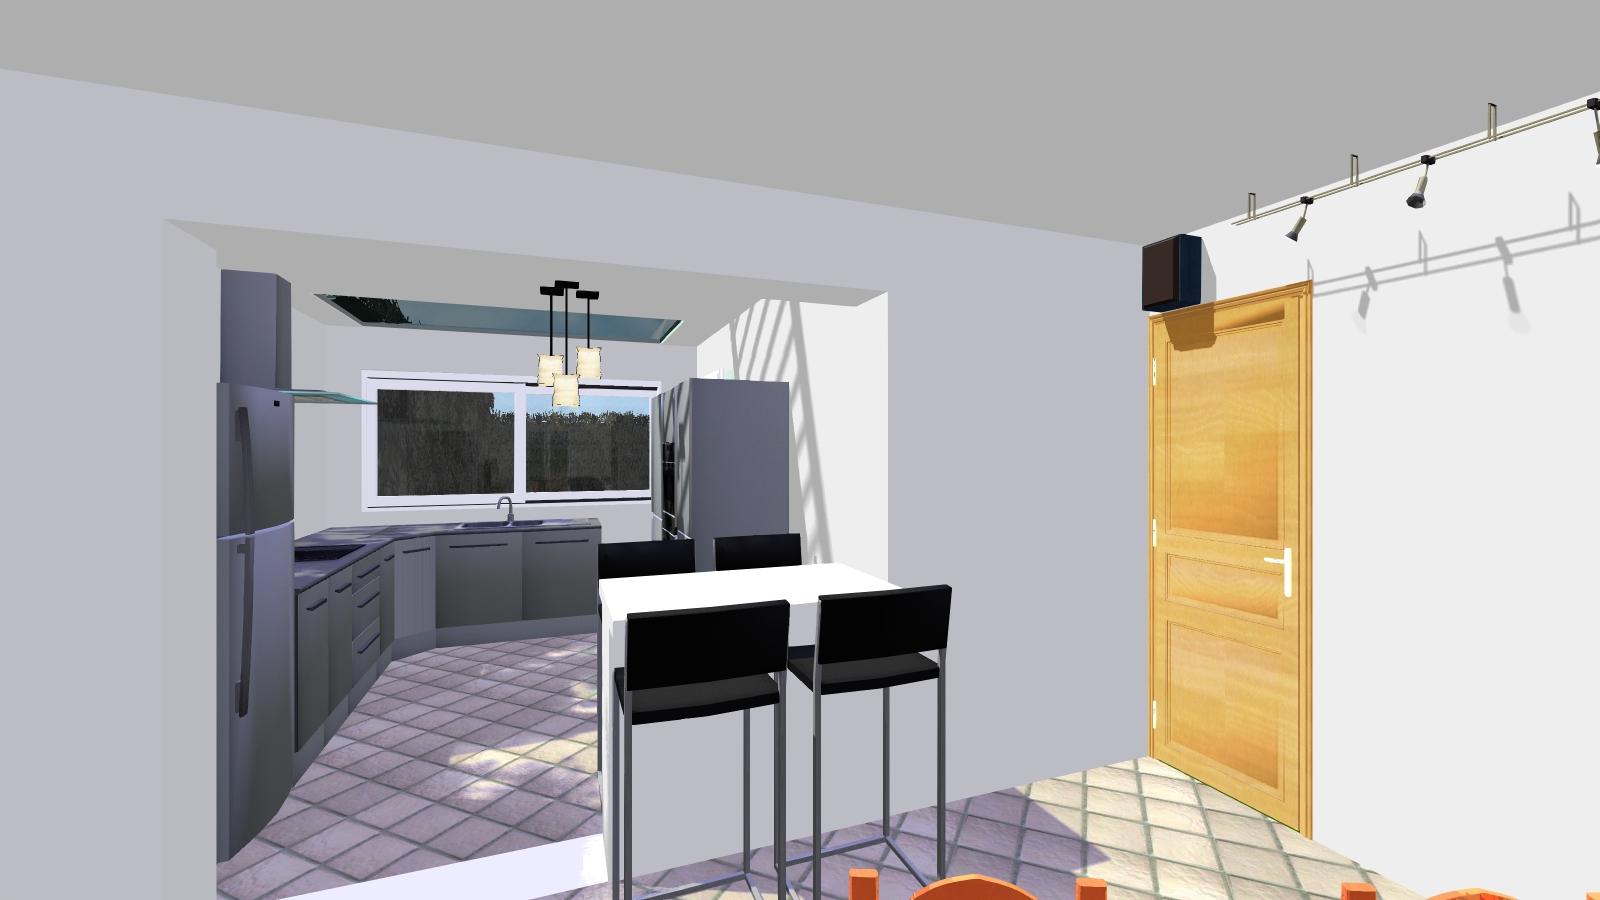 Hom3 le conseil deco construction d 39 une extension for Extension cuisine